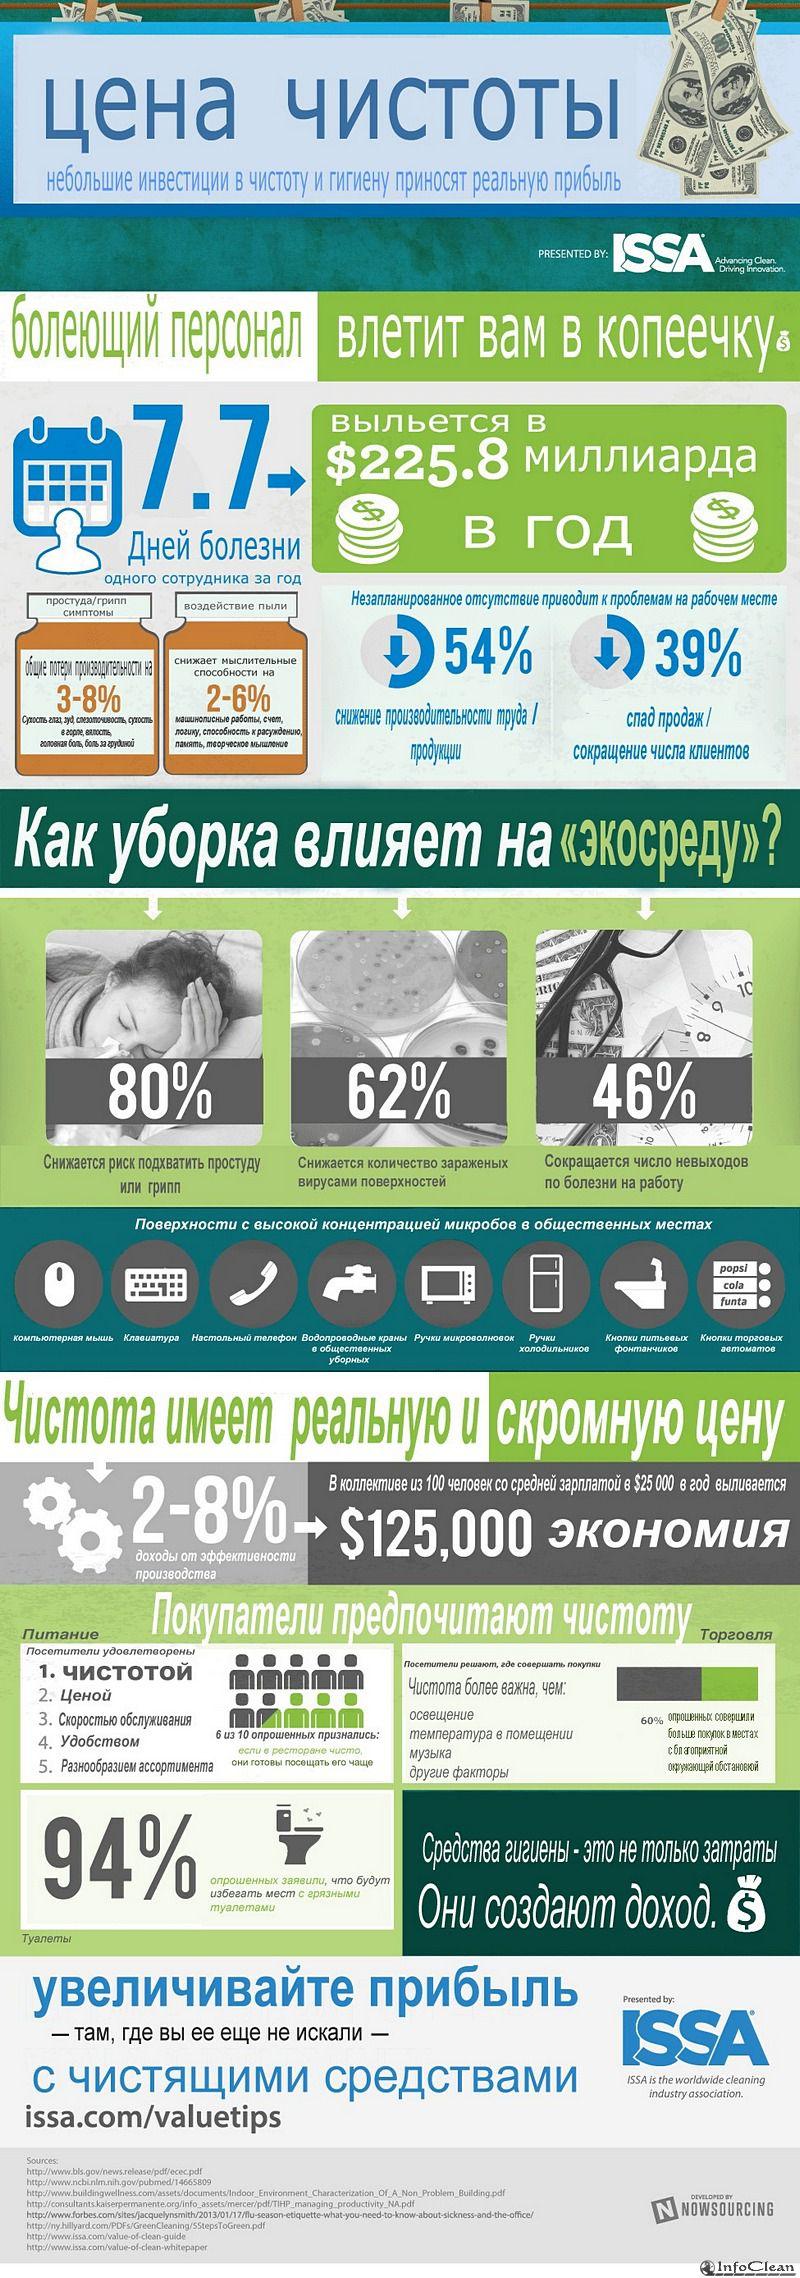 Чистота помогает экономить и зарабатывать. Инфографика ISSA